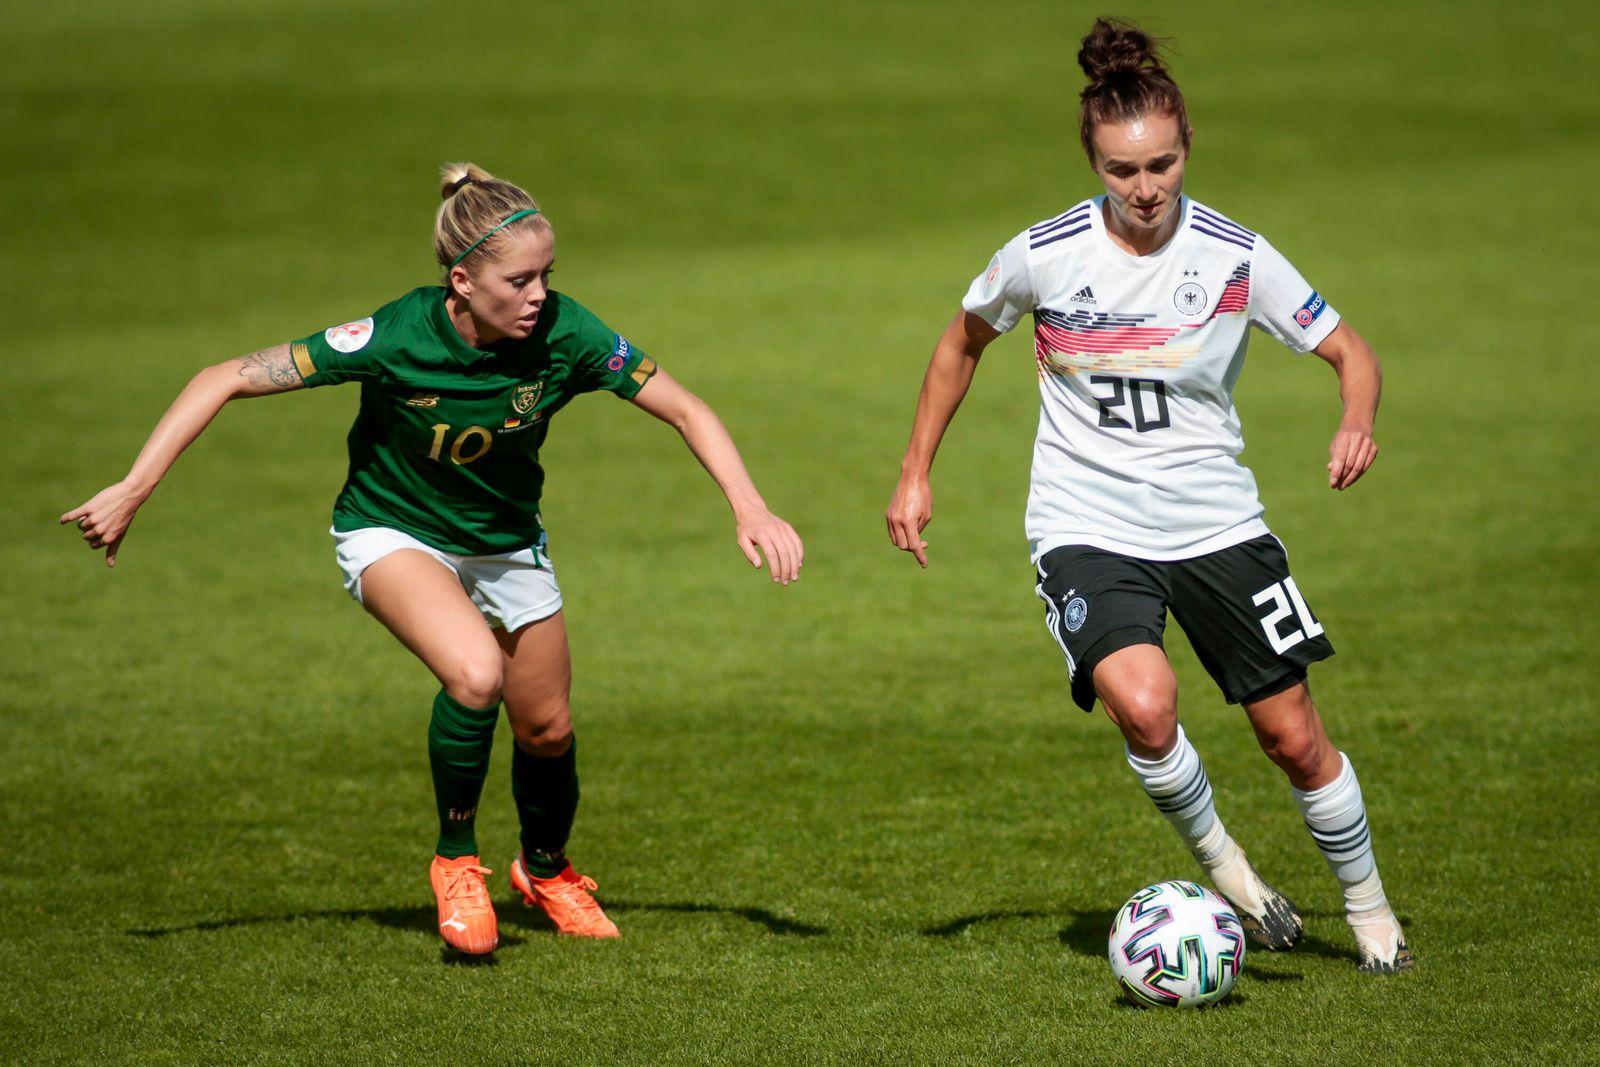 Fußball Frauen Länderspiel EM Qualifikation Deutschland - Irland am 19.09.2020 im Stadion Essen in Essen Denise O Sulliv